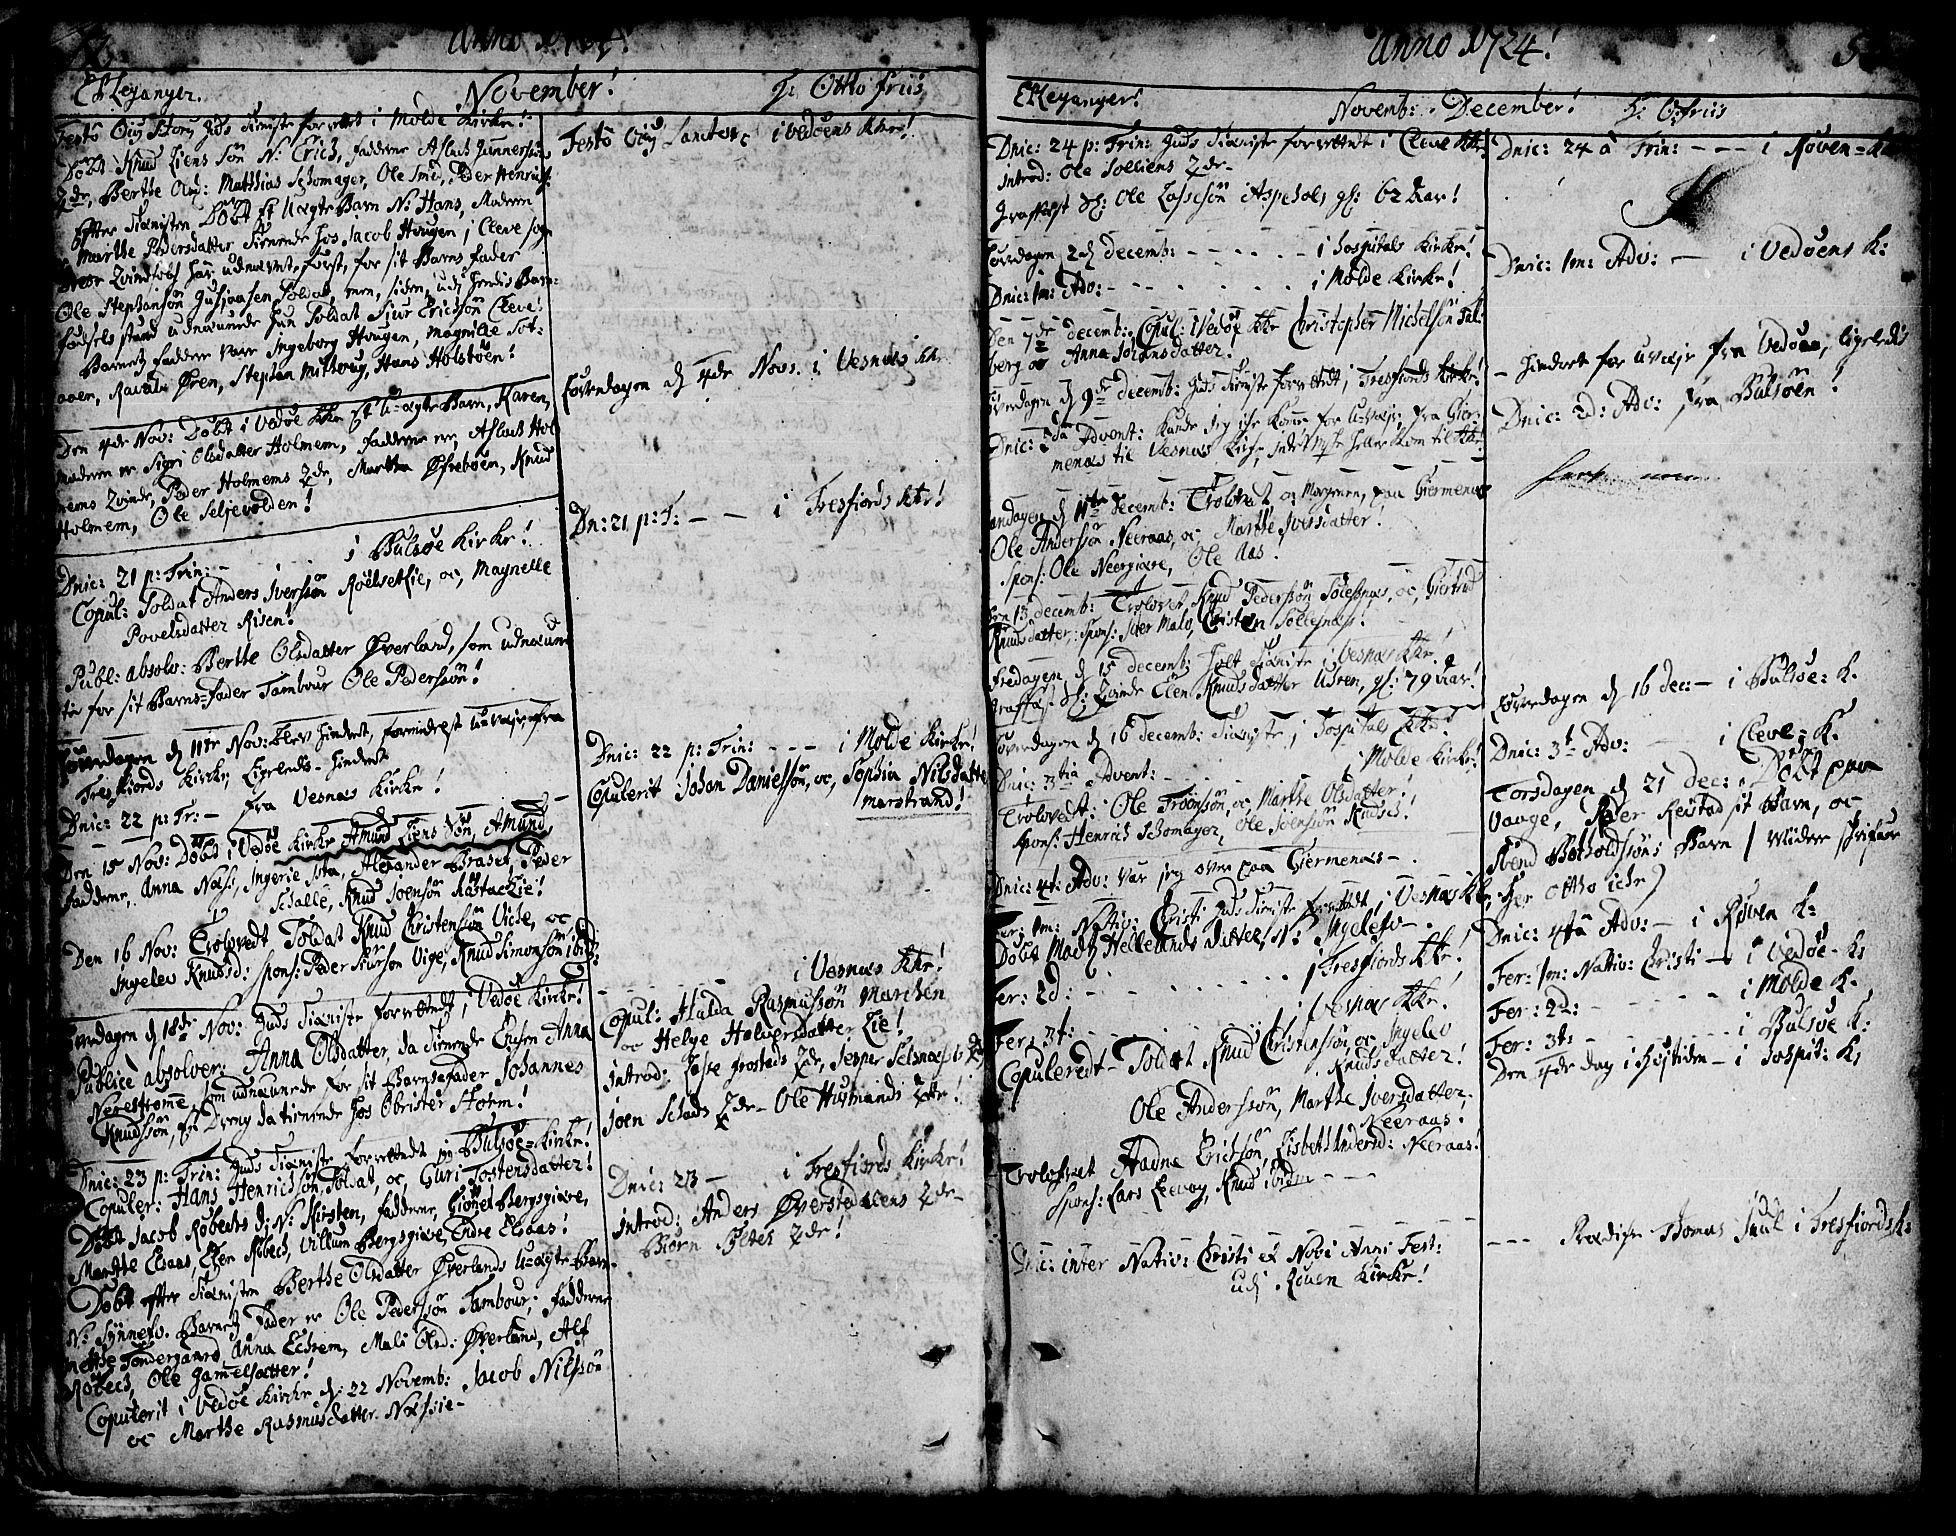 SAT, Ministerialprotokoller, klokkerbøker og fødselsregistre - Møre og Romsdal, 547/L0599: Ministerialbok nr. 547A01, 1721-1764, s. 54-55